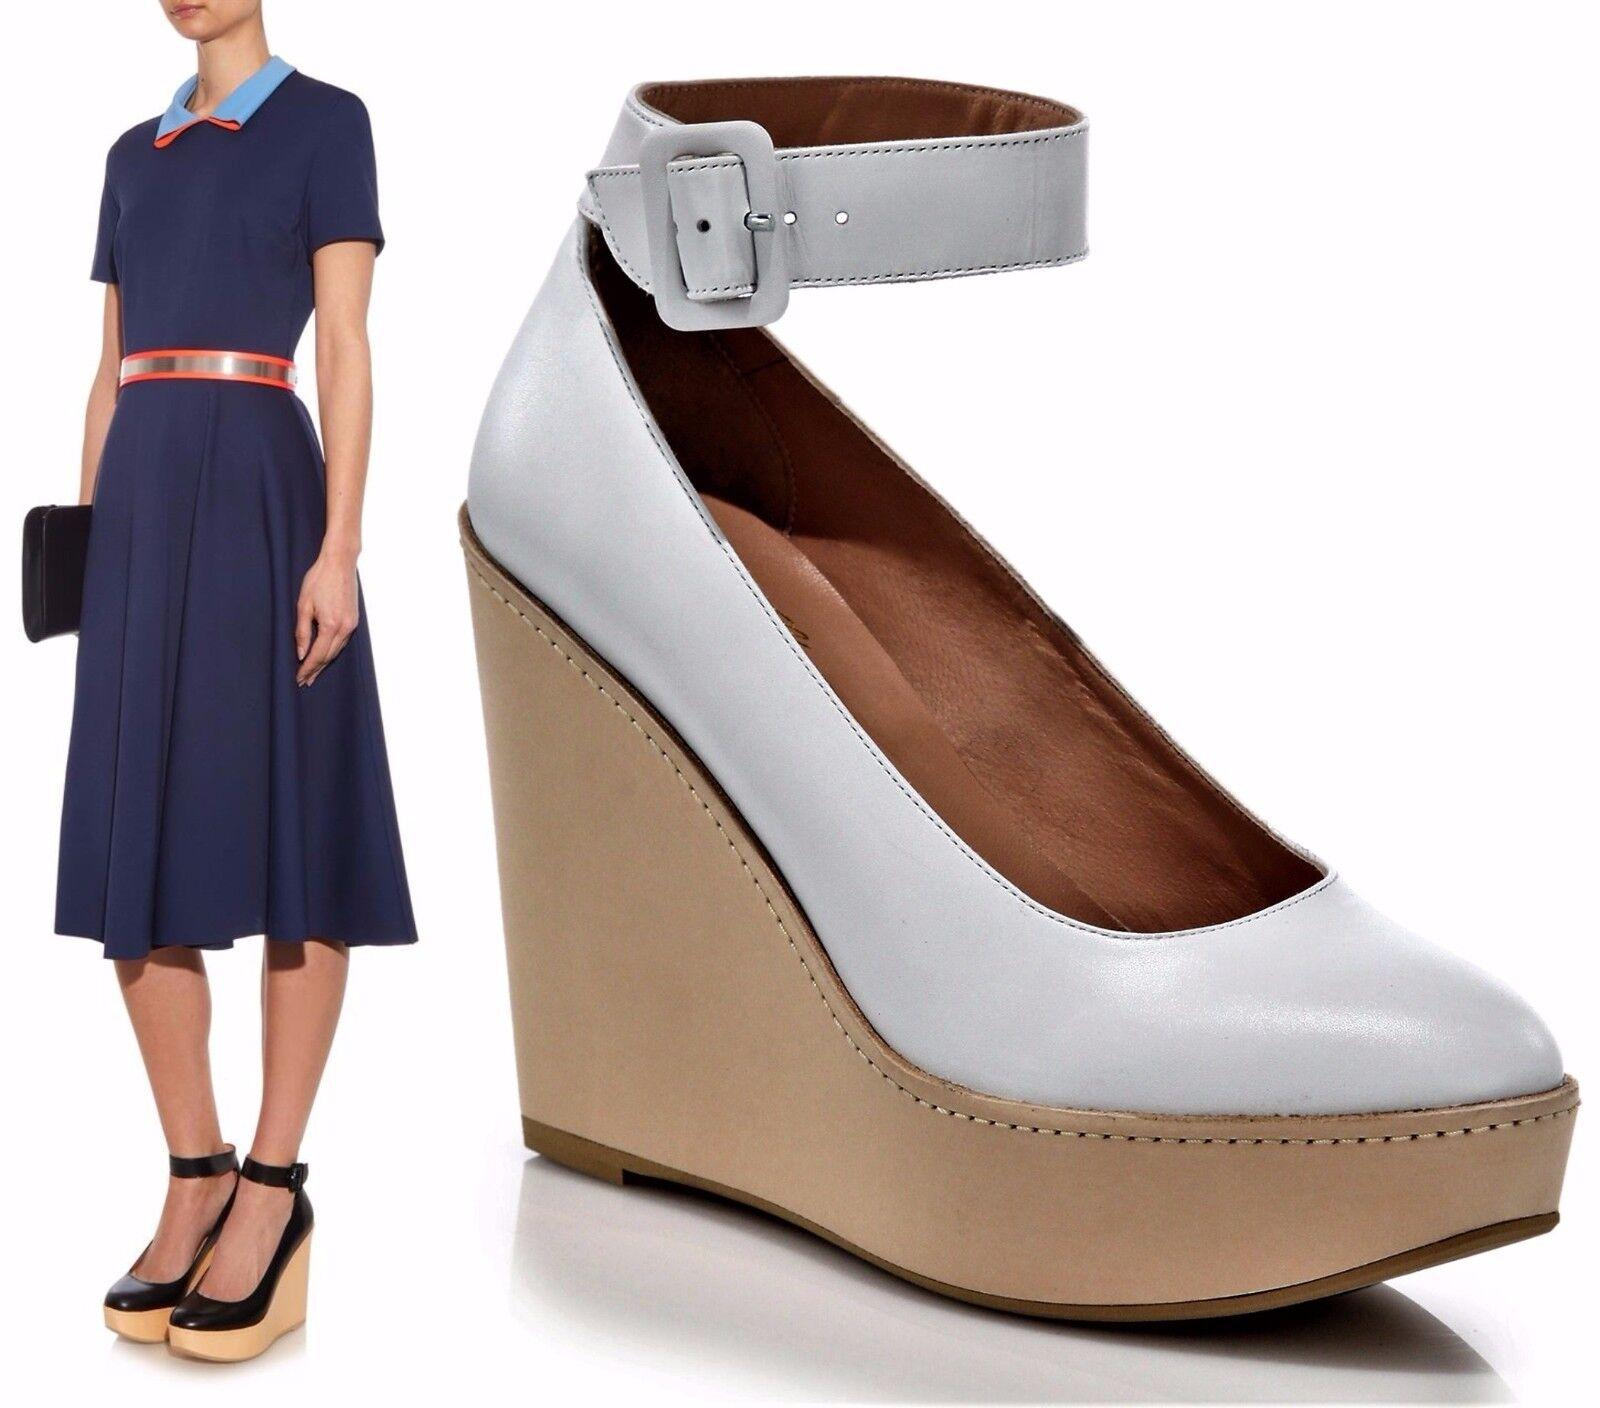 nuovo stile ROBERT CLERGERIE scarpe FERDIE PLATFORM WEDGE ANKLE ANKLE ANKLE STRAP PUMP NEW  750 bianca 39  negozio online